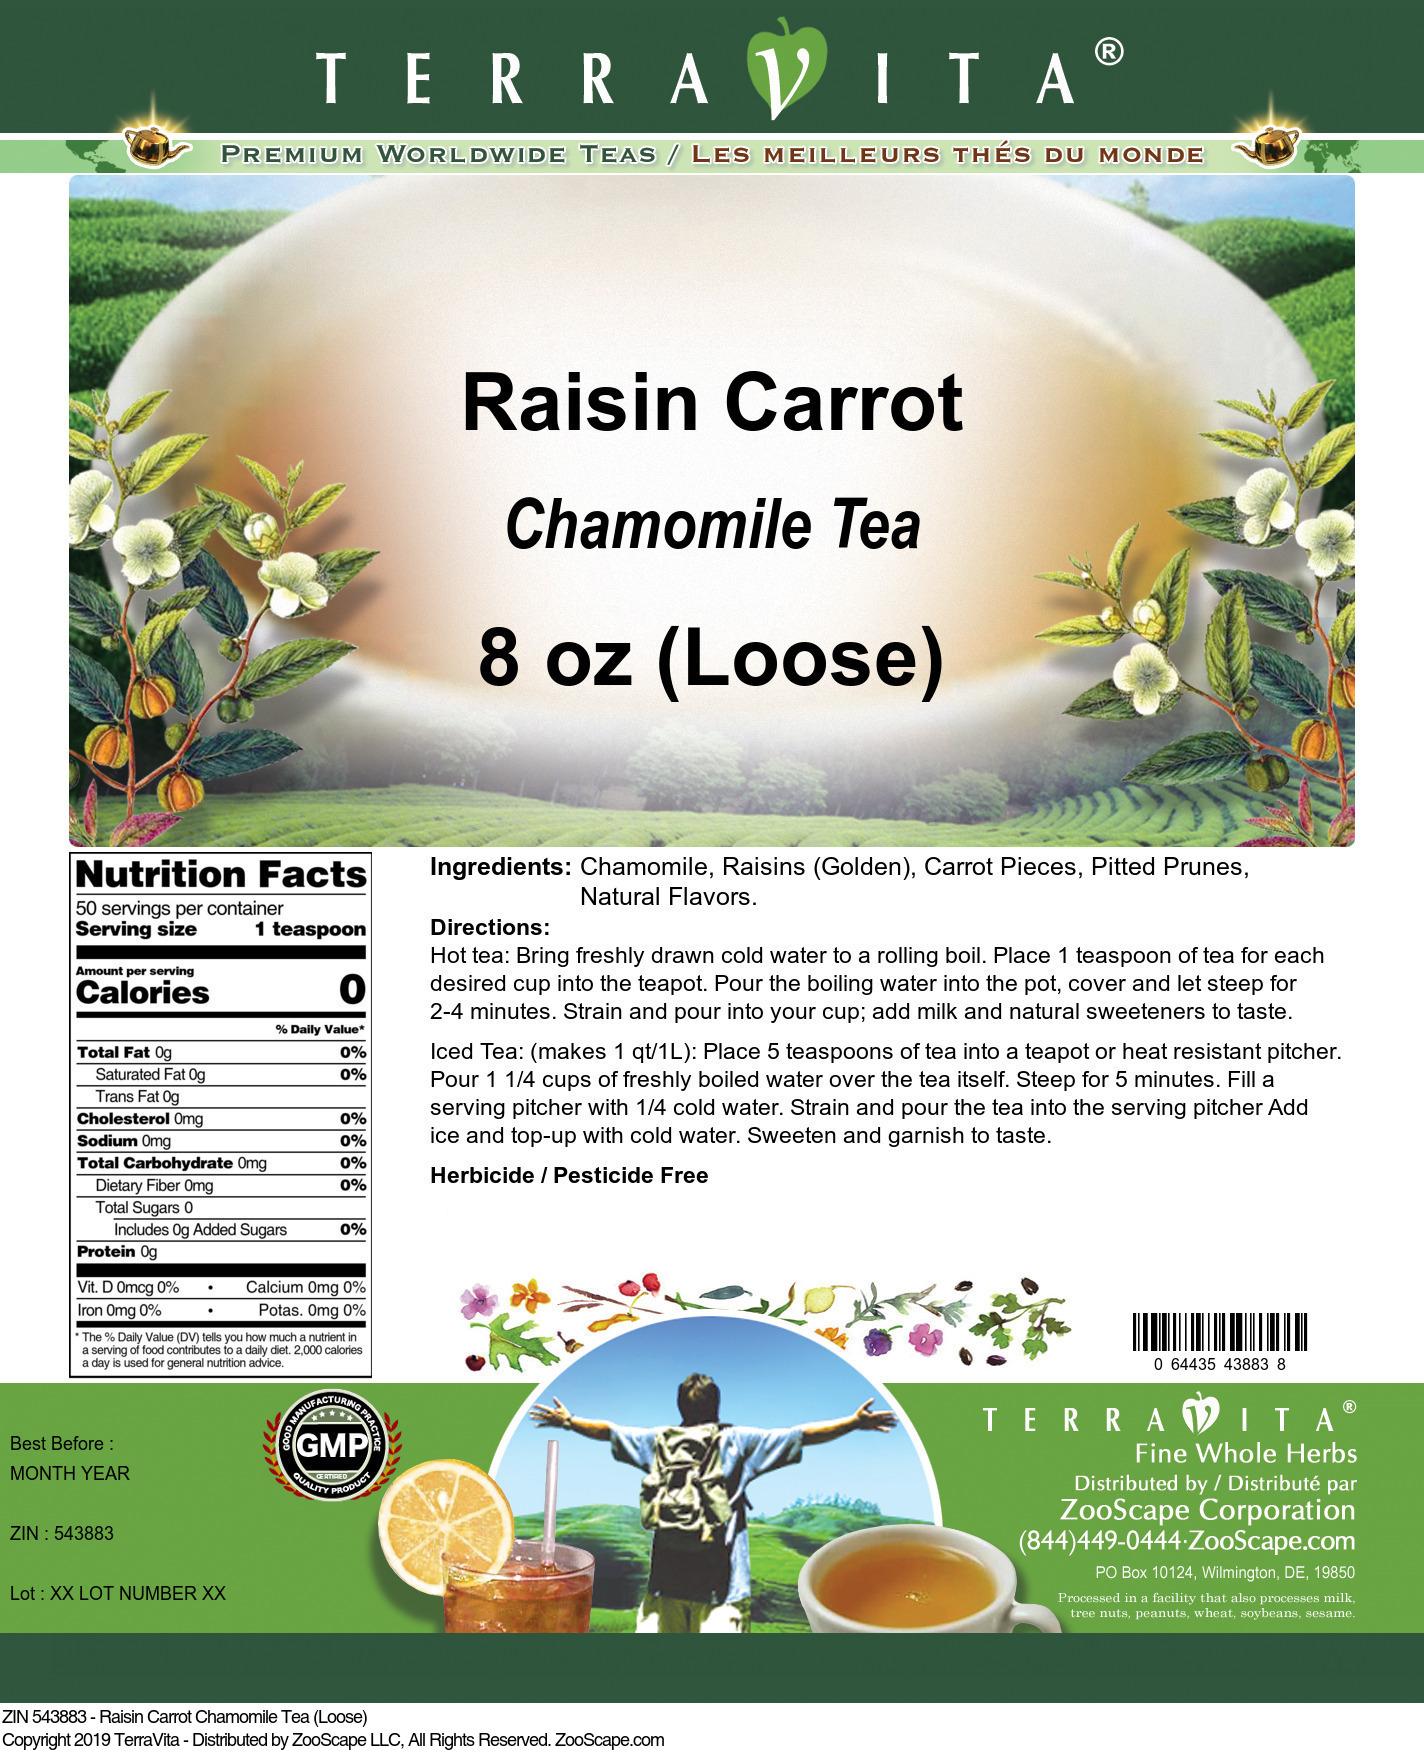 Raisin Carrot Chamomile Tea